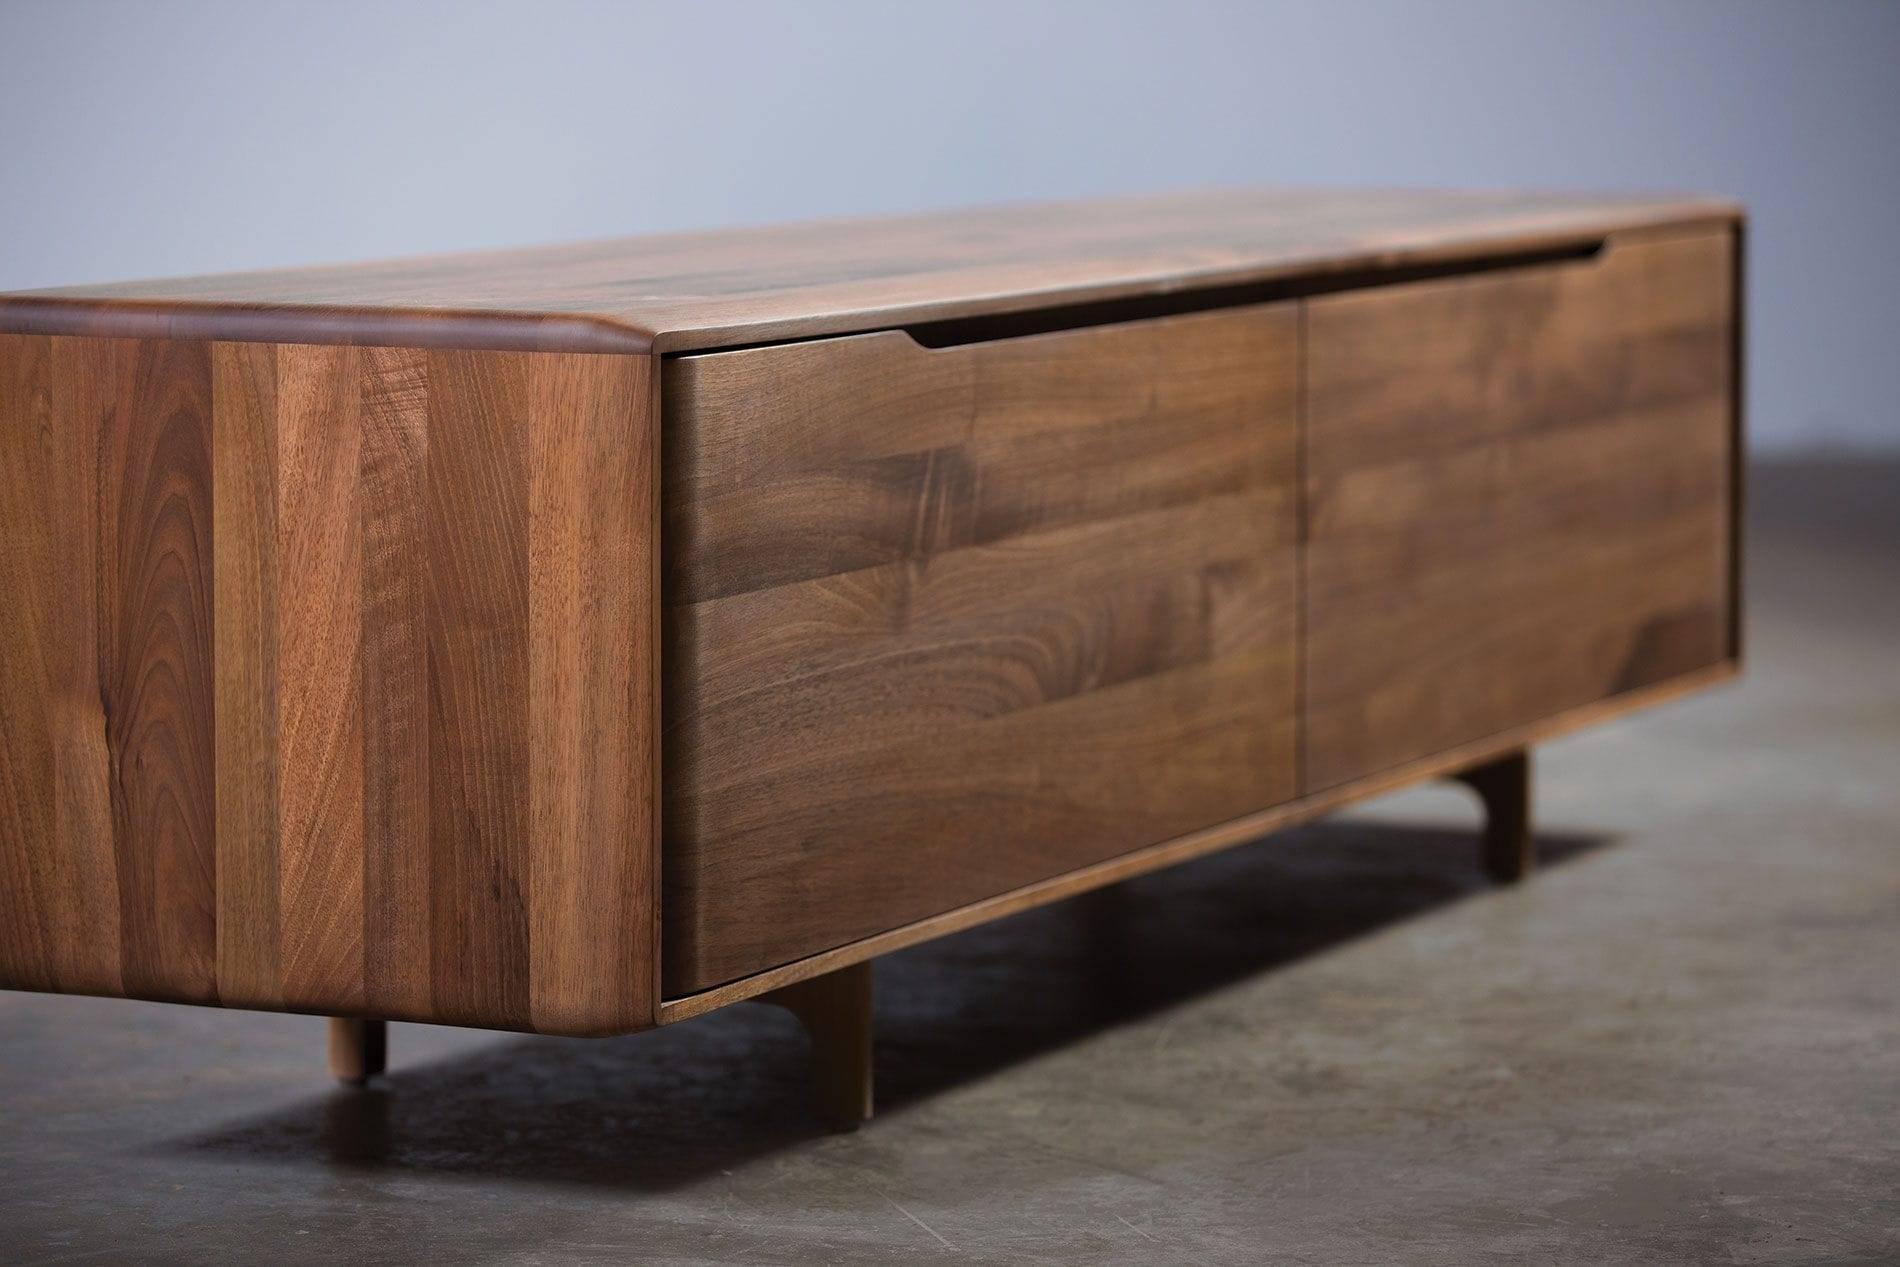 Contemporary Sideboard / Oak / Walnut / Solid Wood – Invito Throughout Contemporary Sideboards (View 11 of 20)